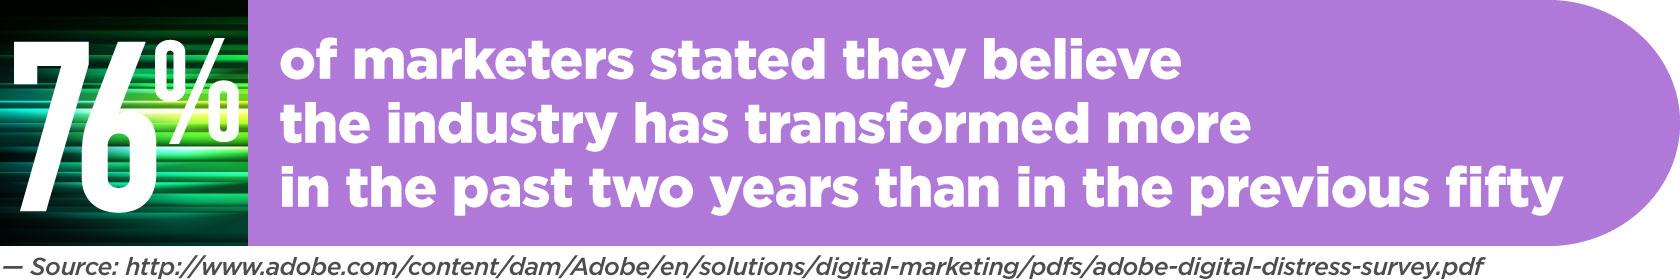 Marketing-Transformation-Stat